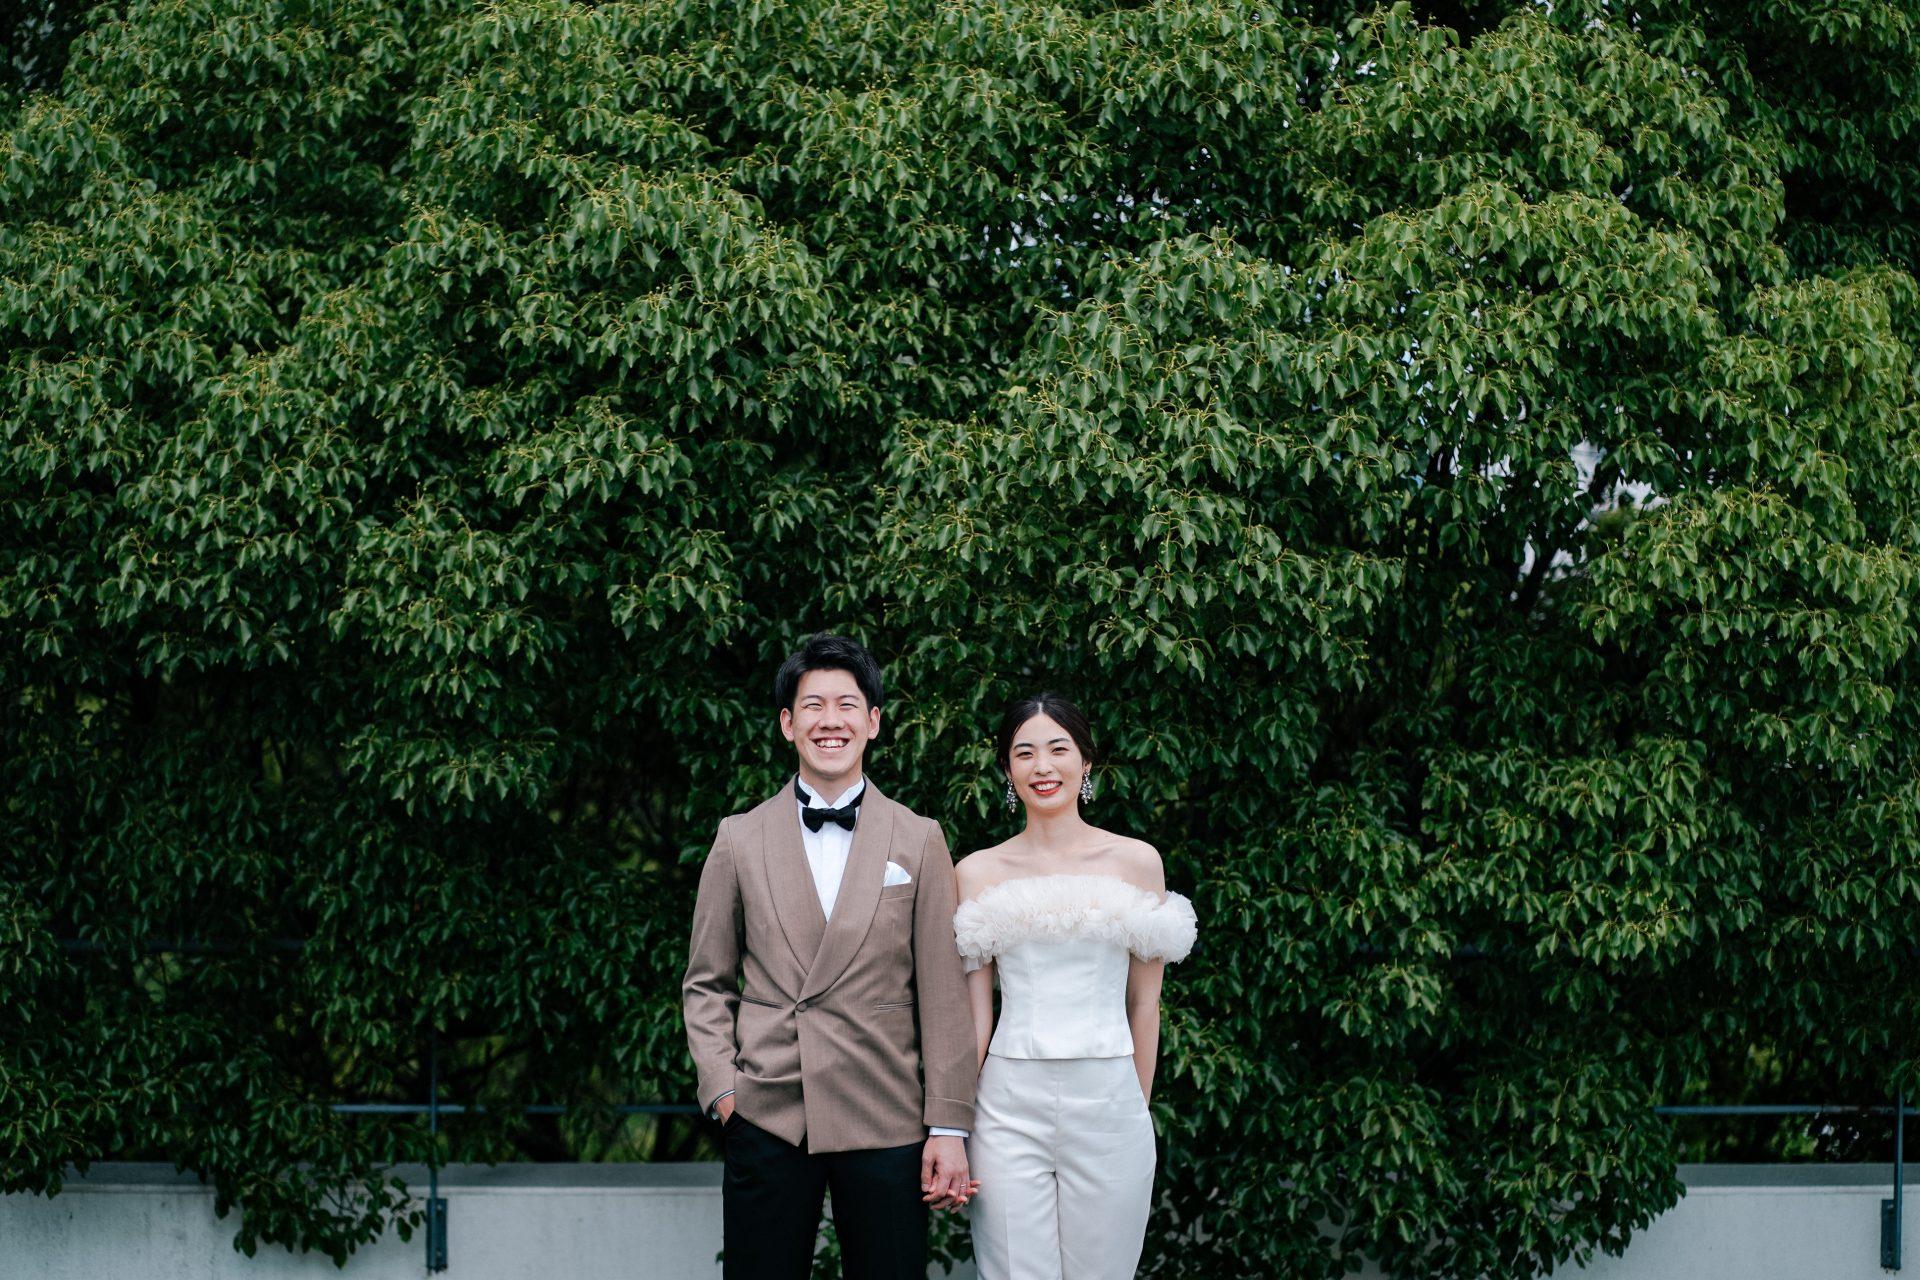 ザトリートドレッシング神戸店がおすすめするトモコイズミフォートリートメゾンのフリルが美しいパンツスタイルのウェディングドレスで前撮り撮影された素敵なお二人のご紹介